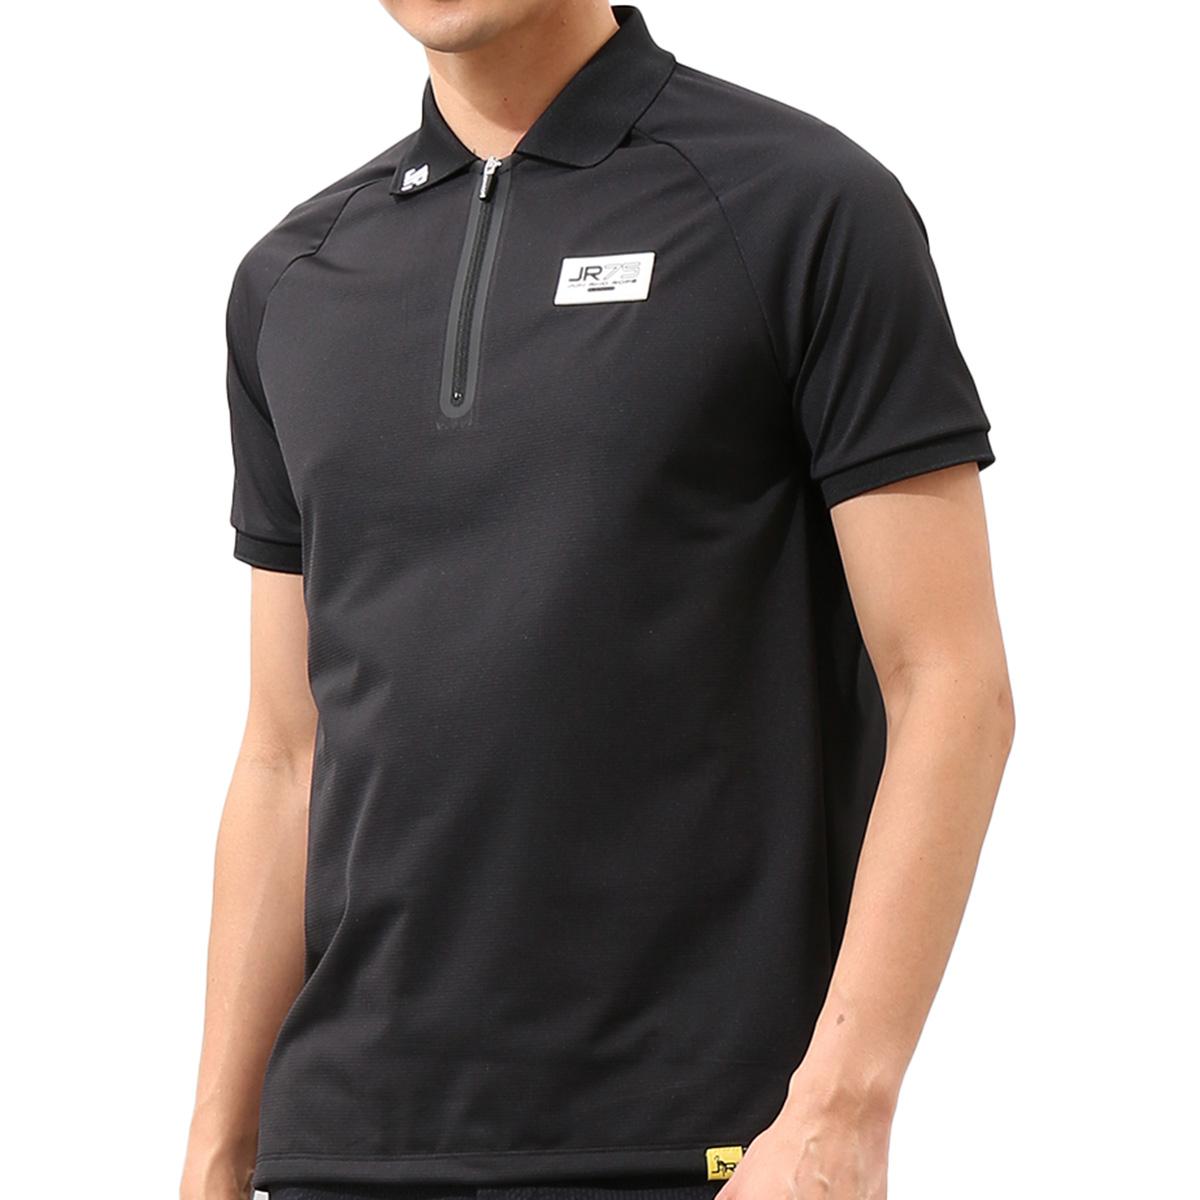 ラグランスリーブジップアップ半袖ポロシャツ